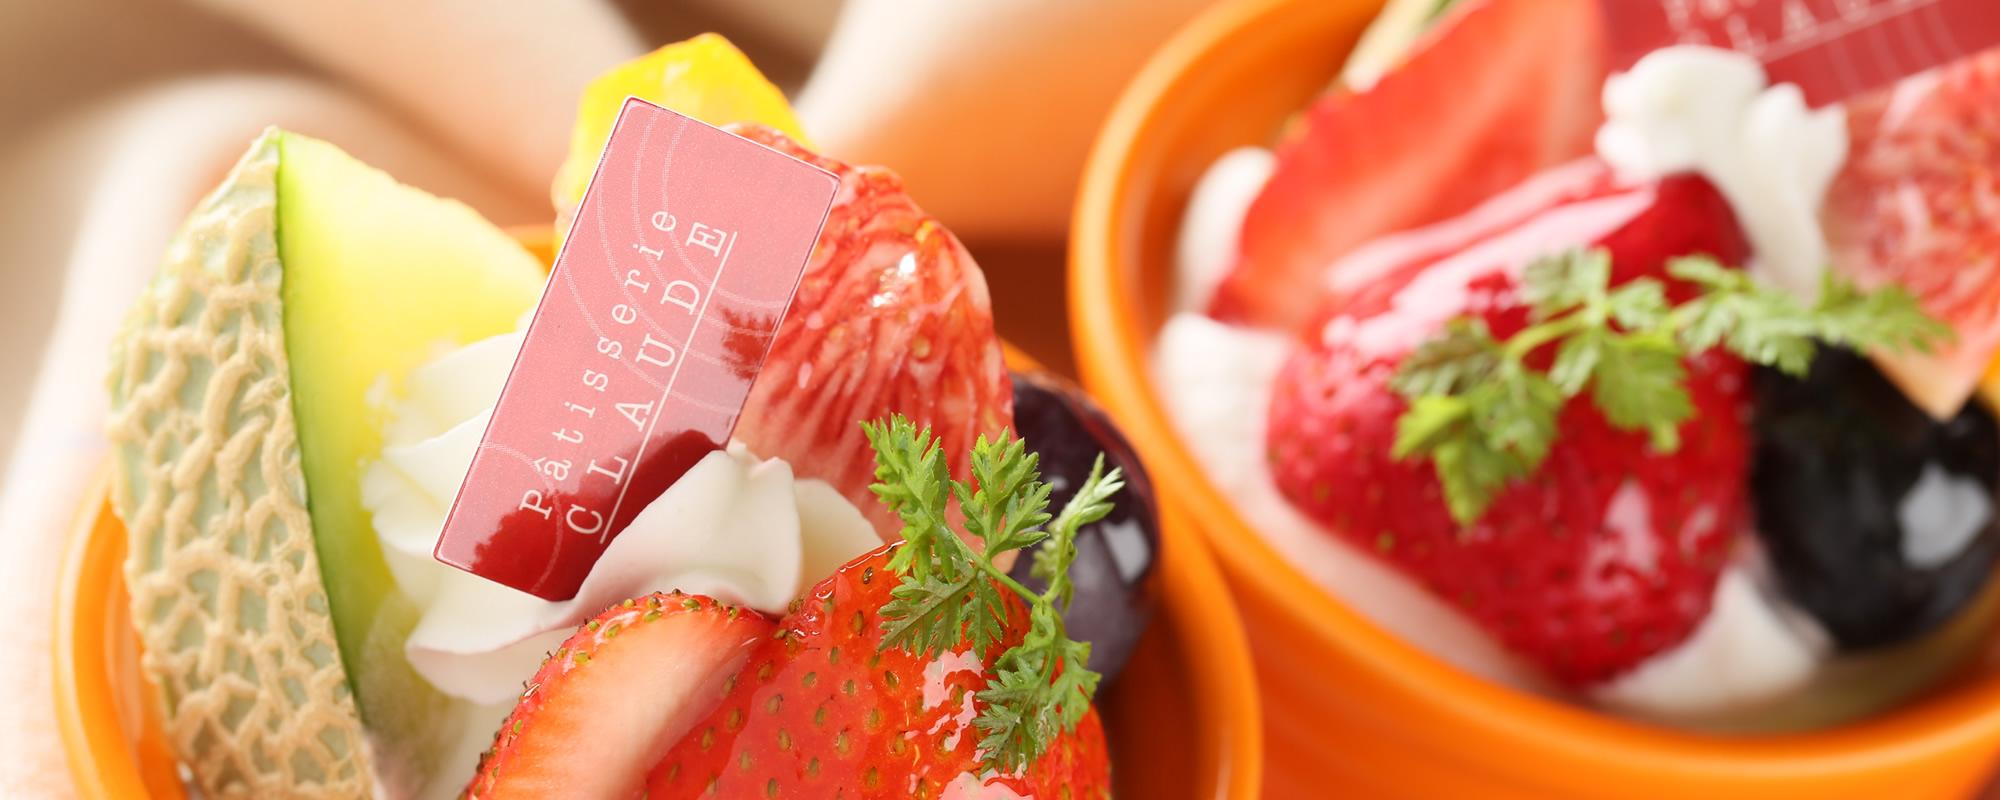 松江市のケーキショップCLAUDEクロードはオーダーメイドやバースデー・ウェディングケーキも承ります。